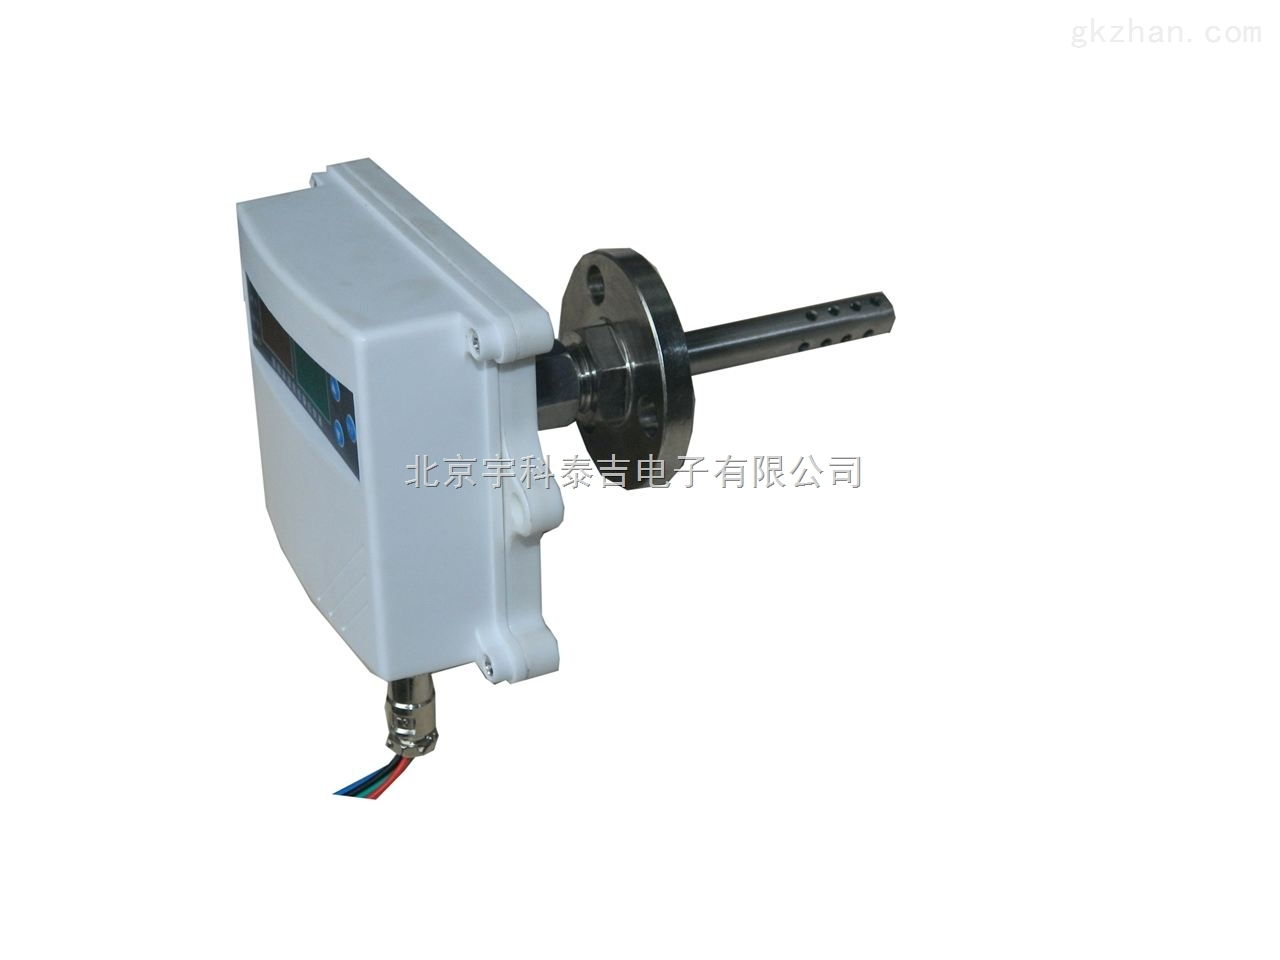 风管管道式温湿度变送器(法兰安装)